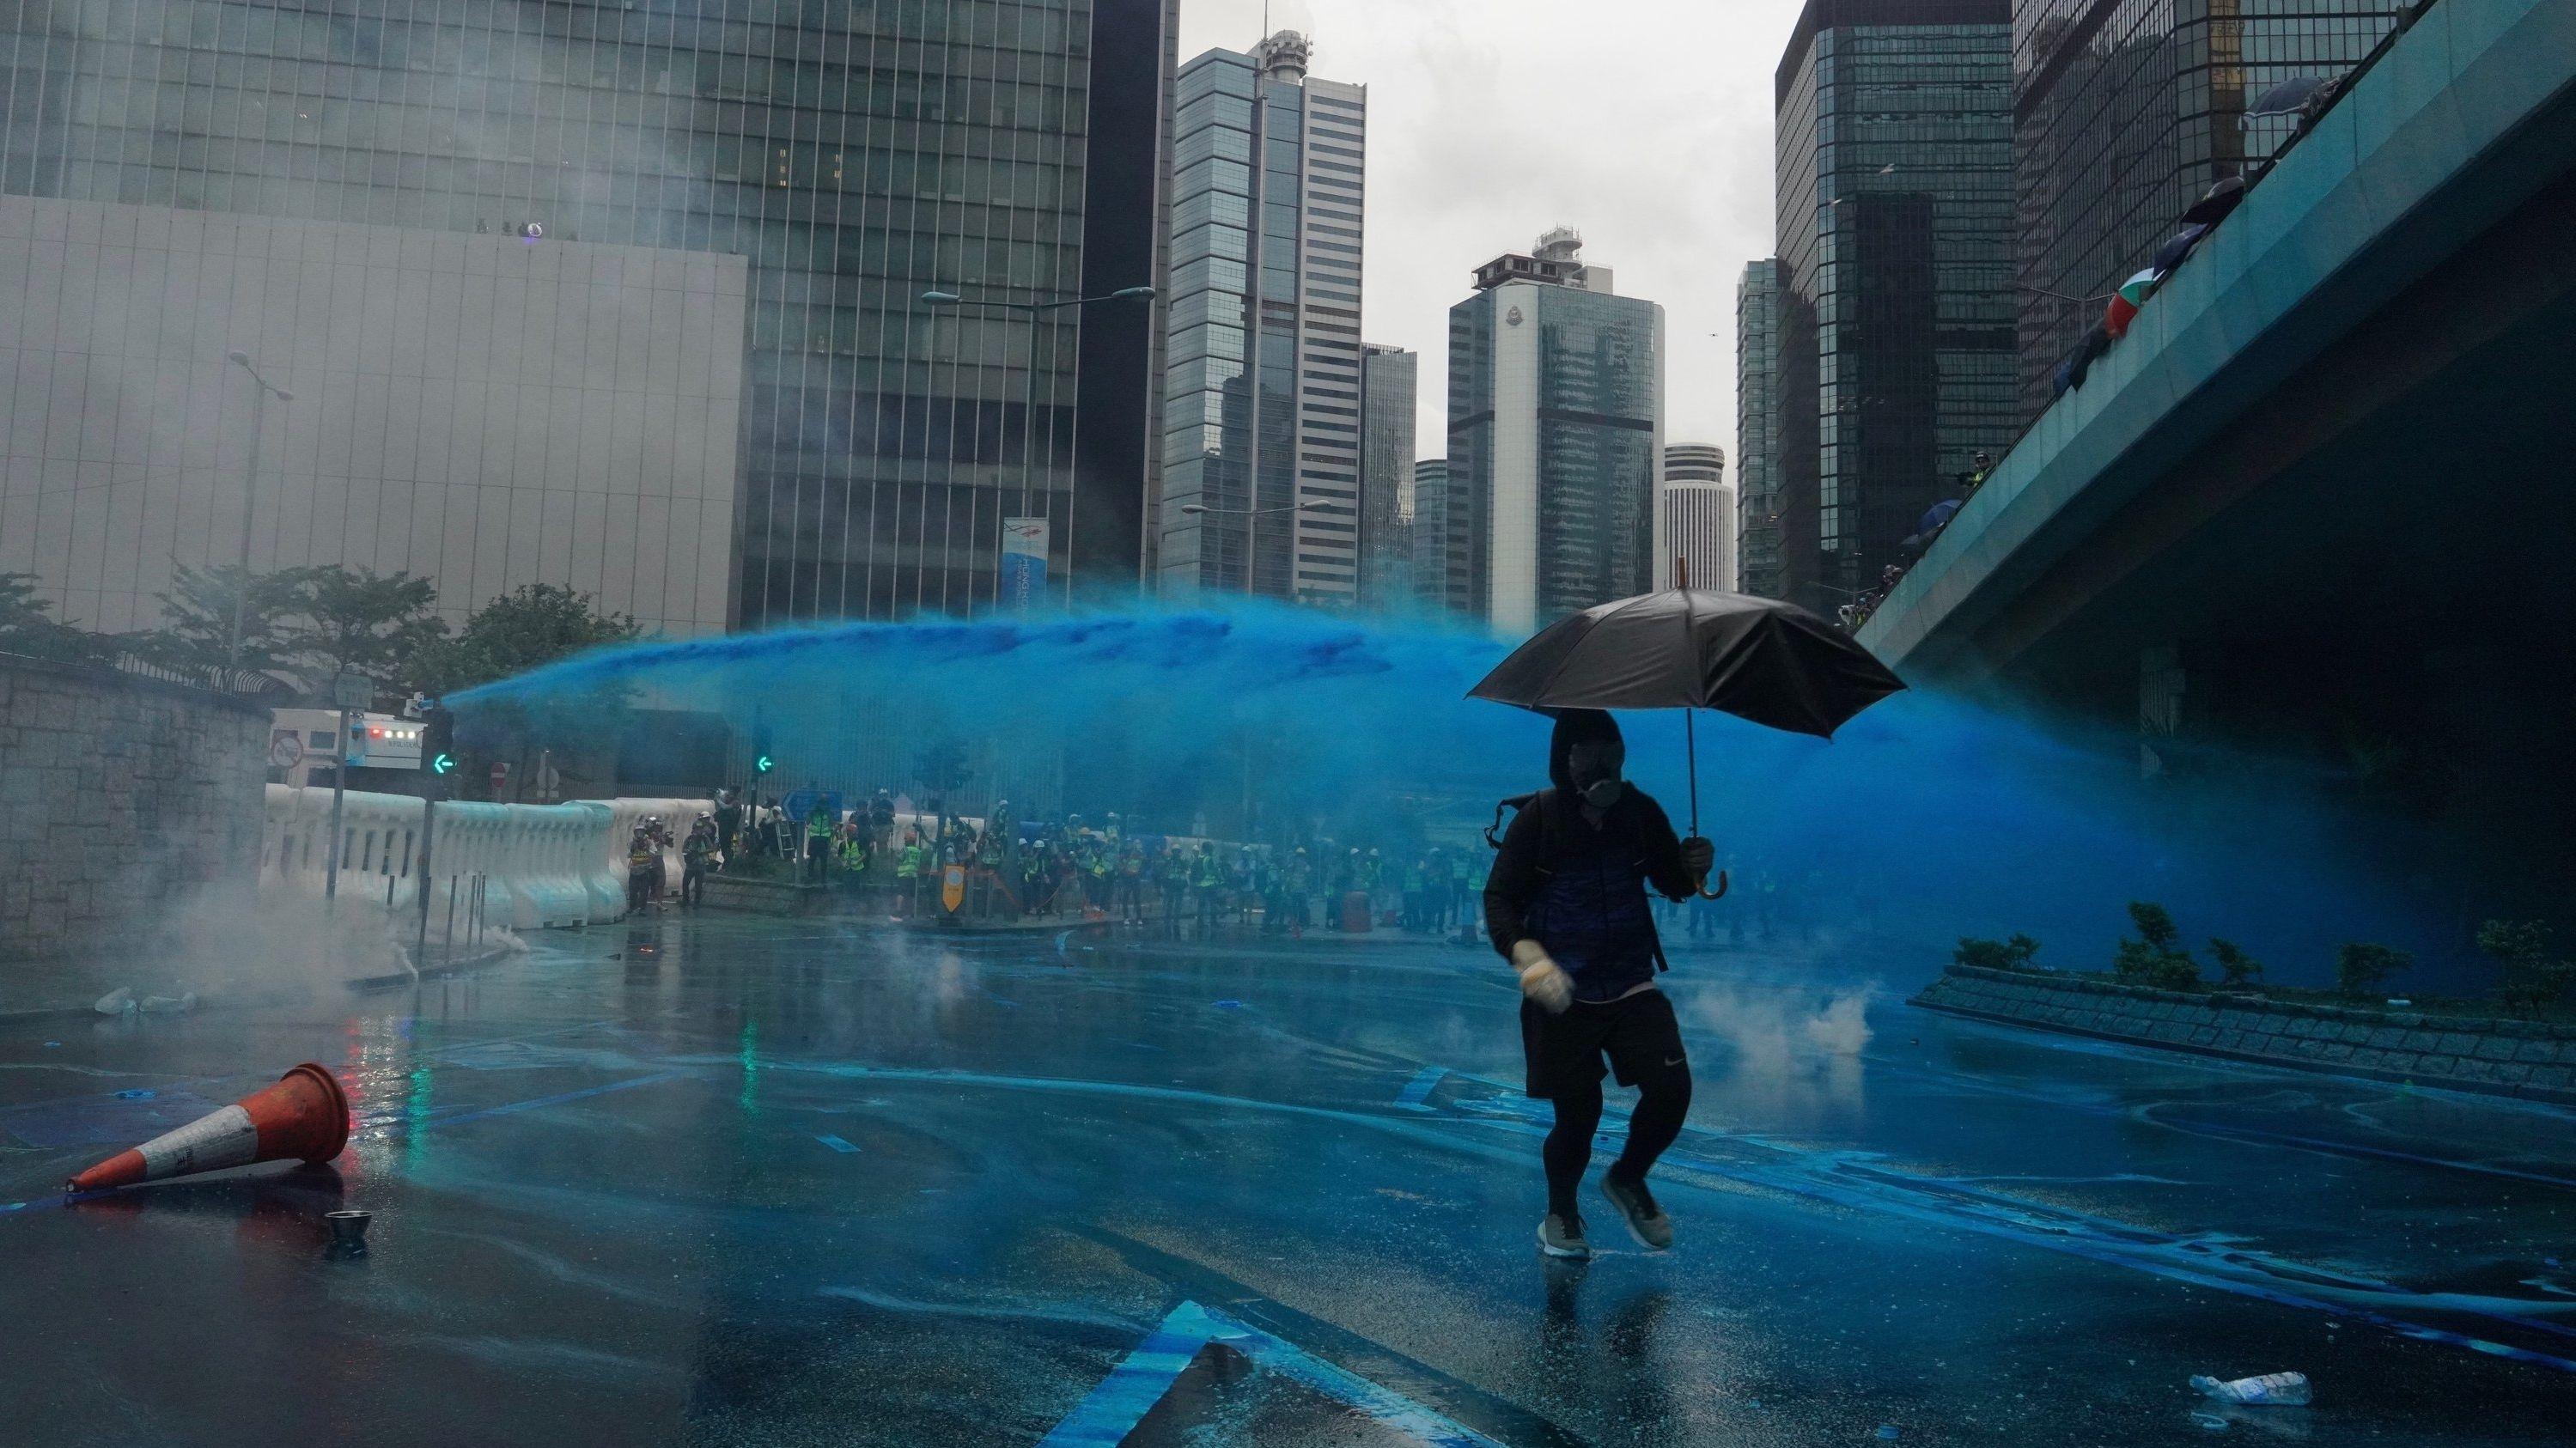 EinDemonstrant bringt sich vor dem blau gefärbten Wasserstrahl eines Wasserwerfers in Sicherheit.